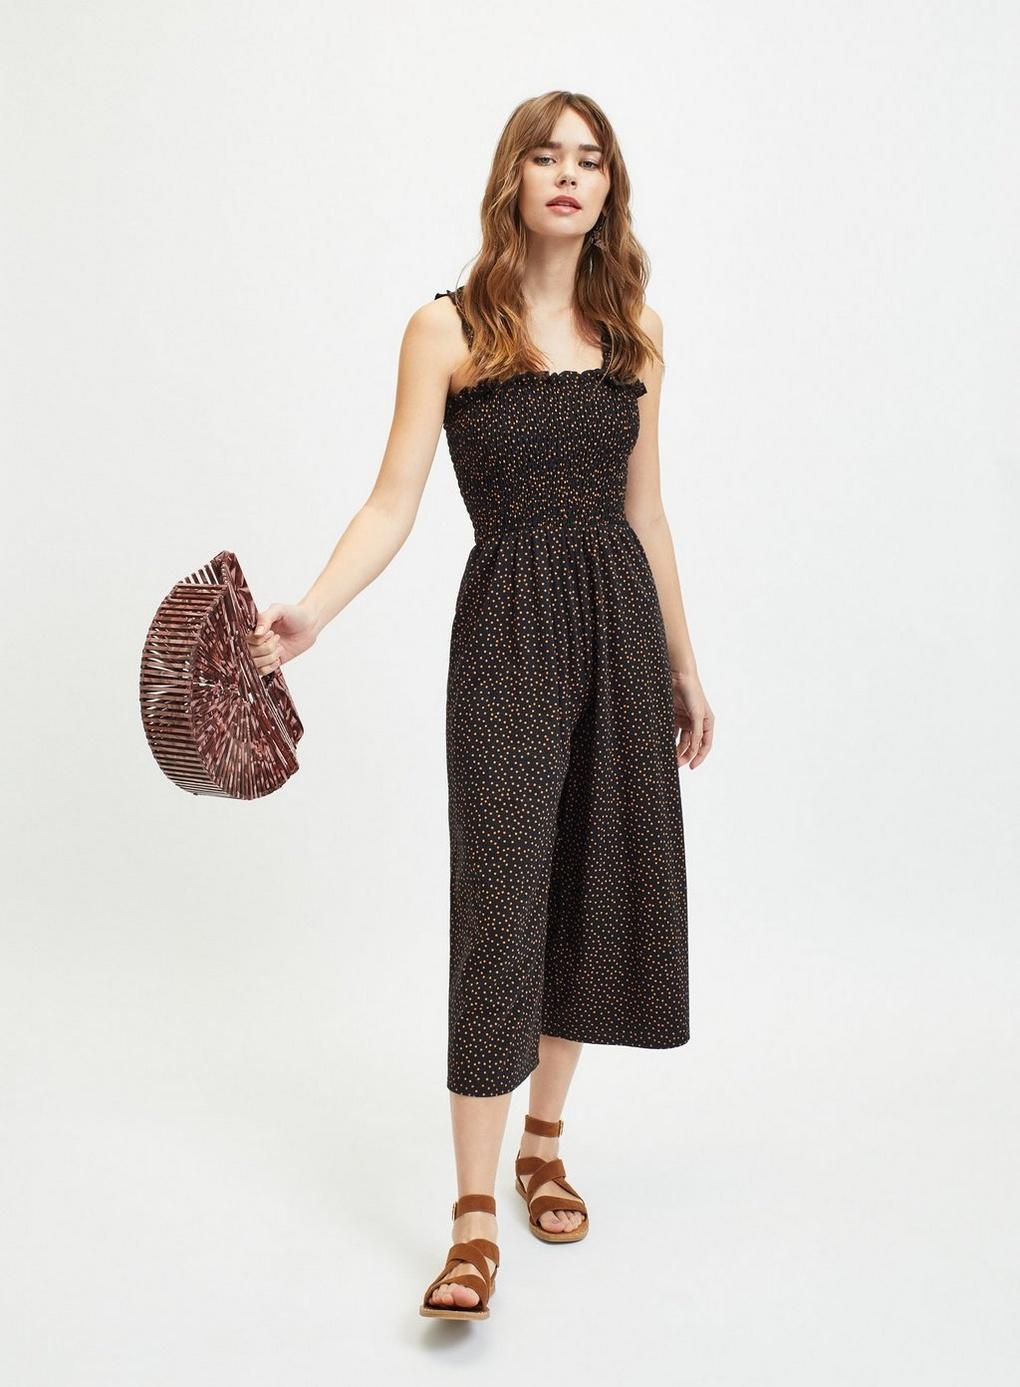 de89f5ac90a7 Lyst - Miss Selfridge Black Spot Print Shirred Pinny Jumpsuit in Black